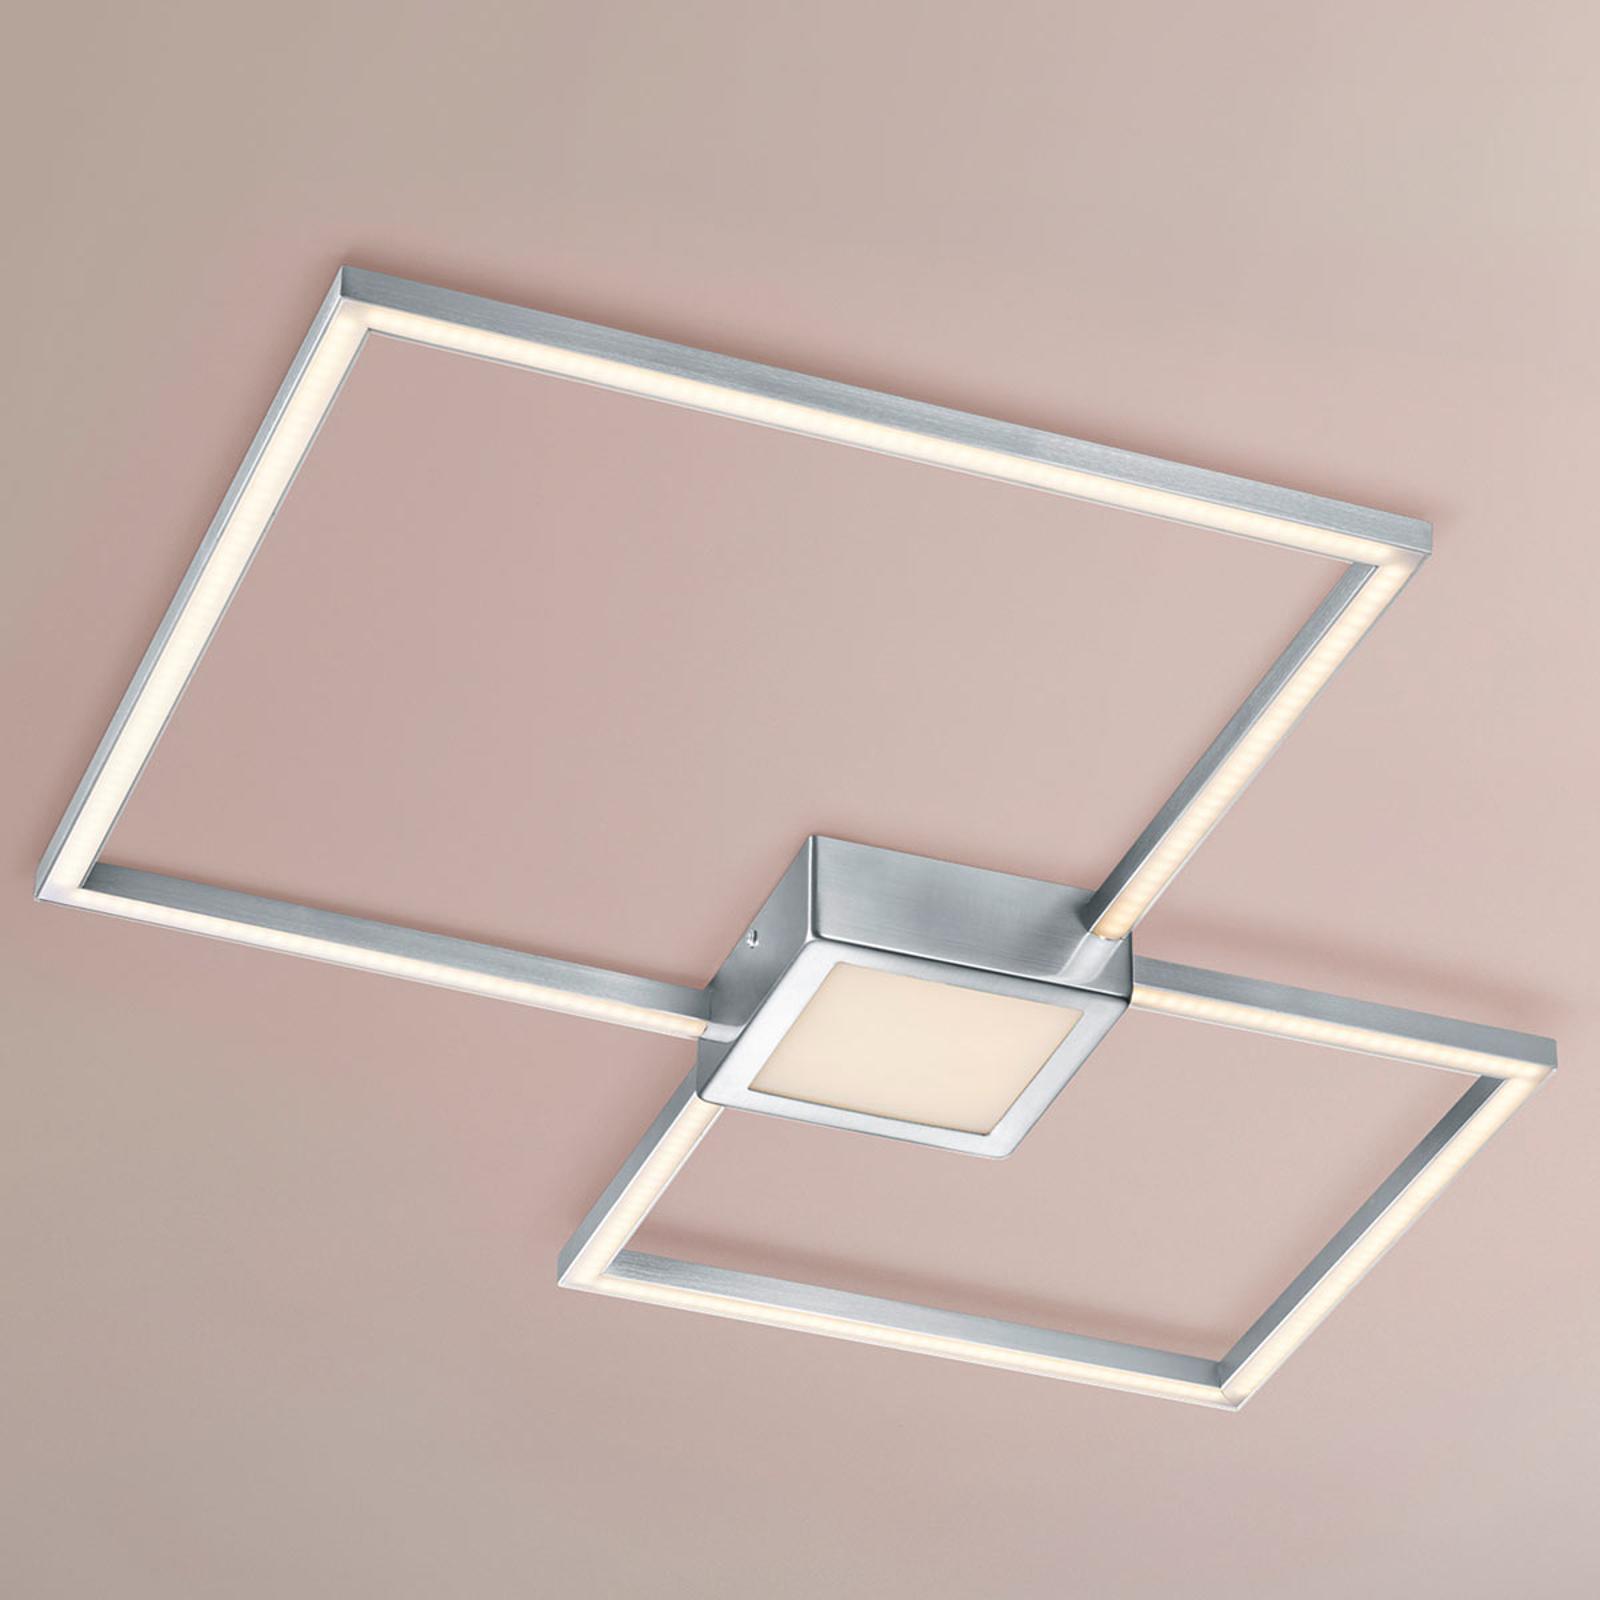 Lampa sufitowa LED Hydra – przełącznik ścienny